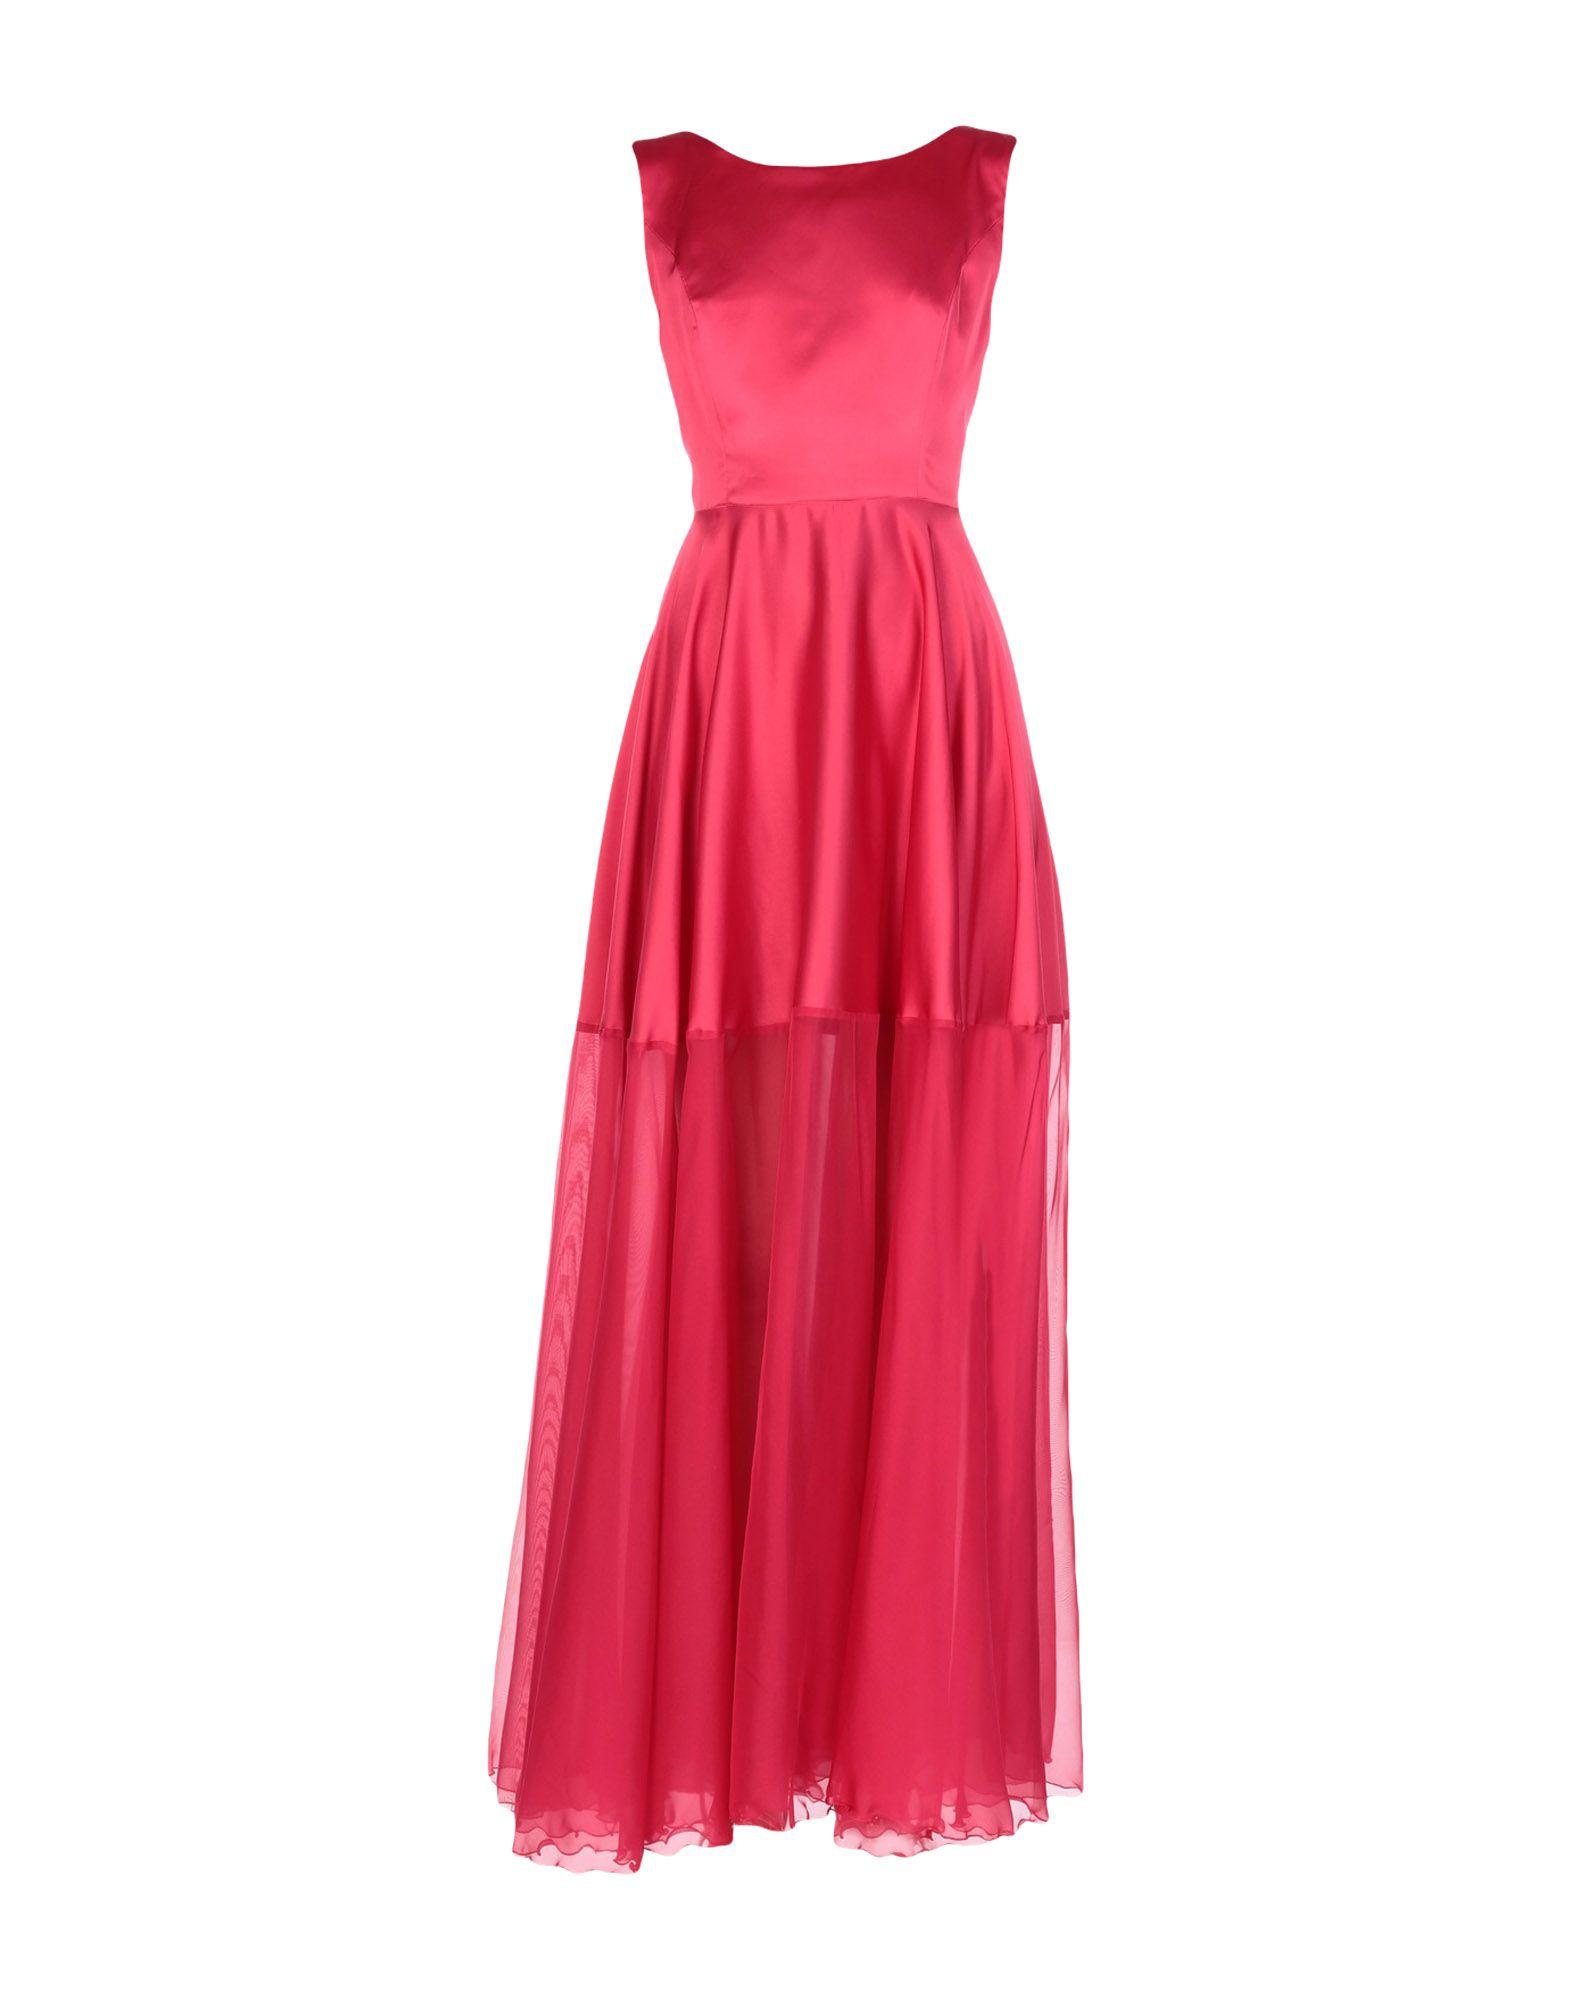 FRANCESCA & VERONICA FELEPPA Длинное платье